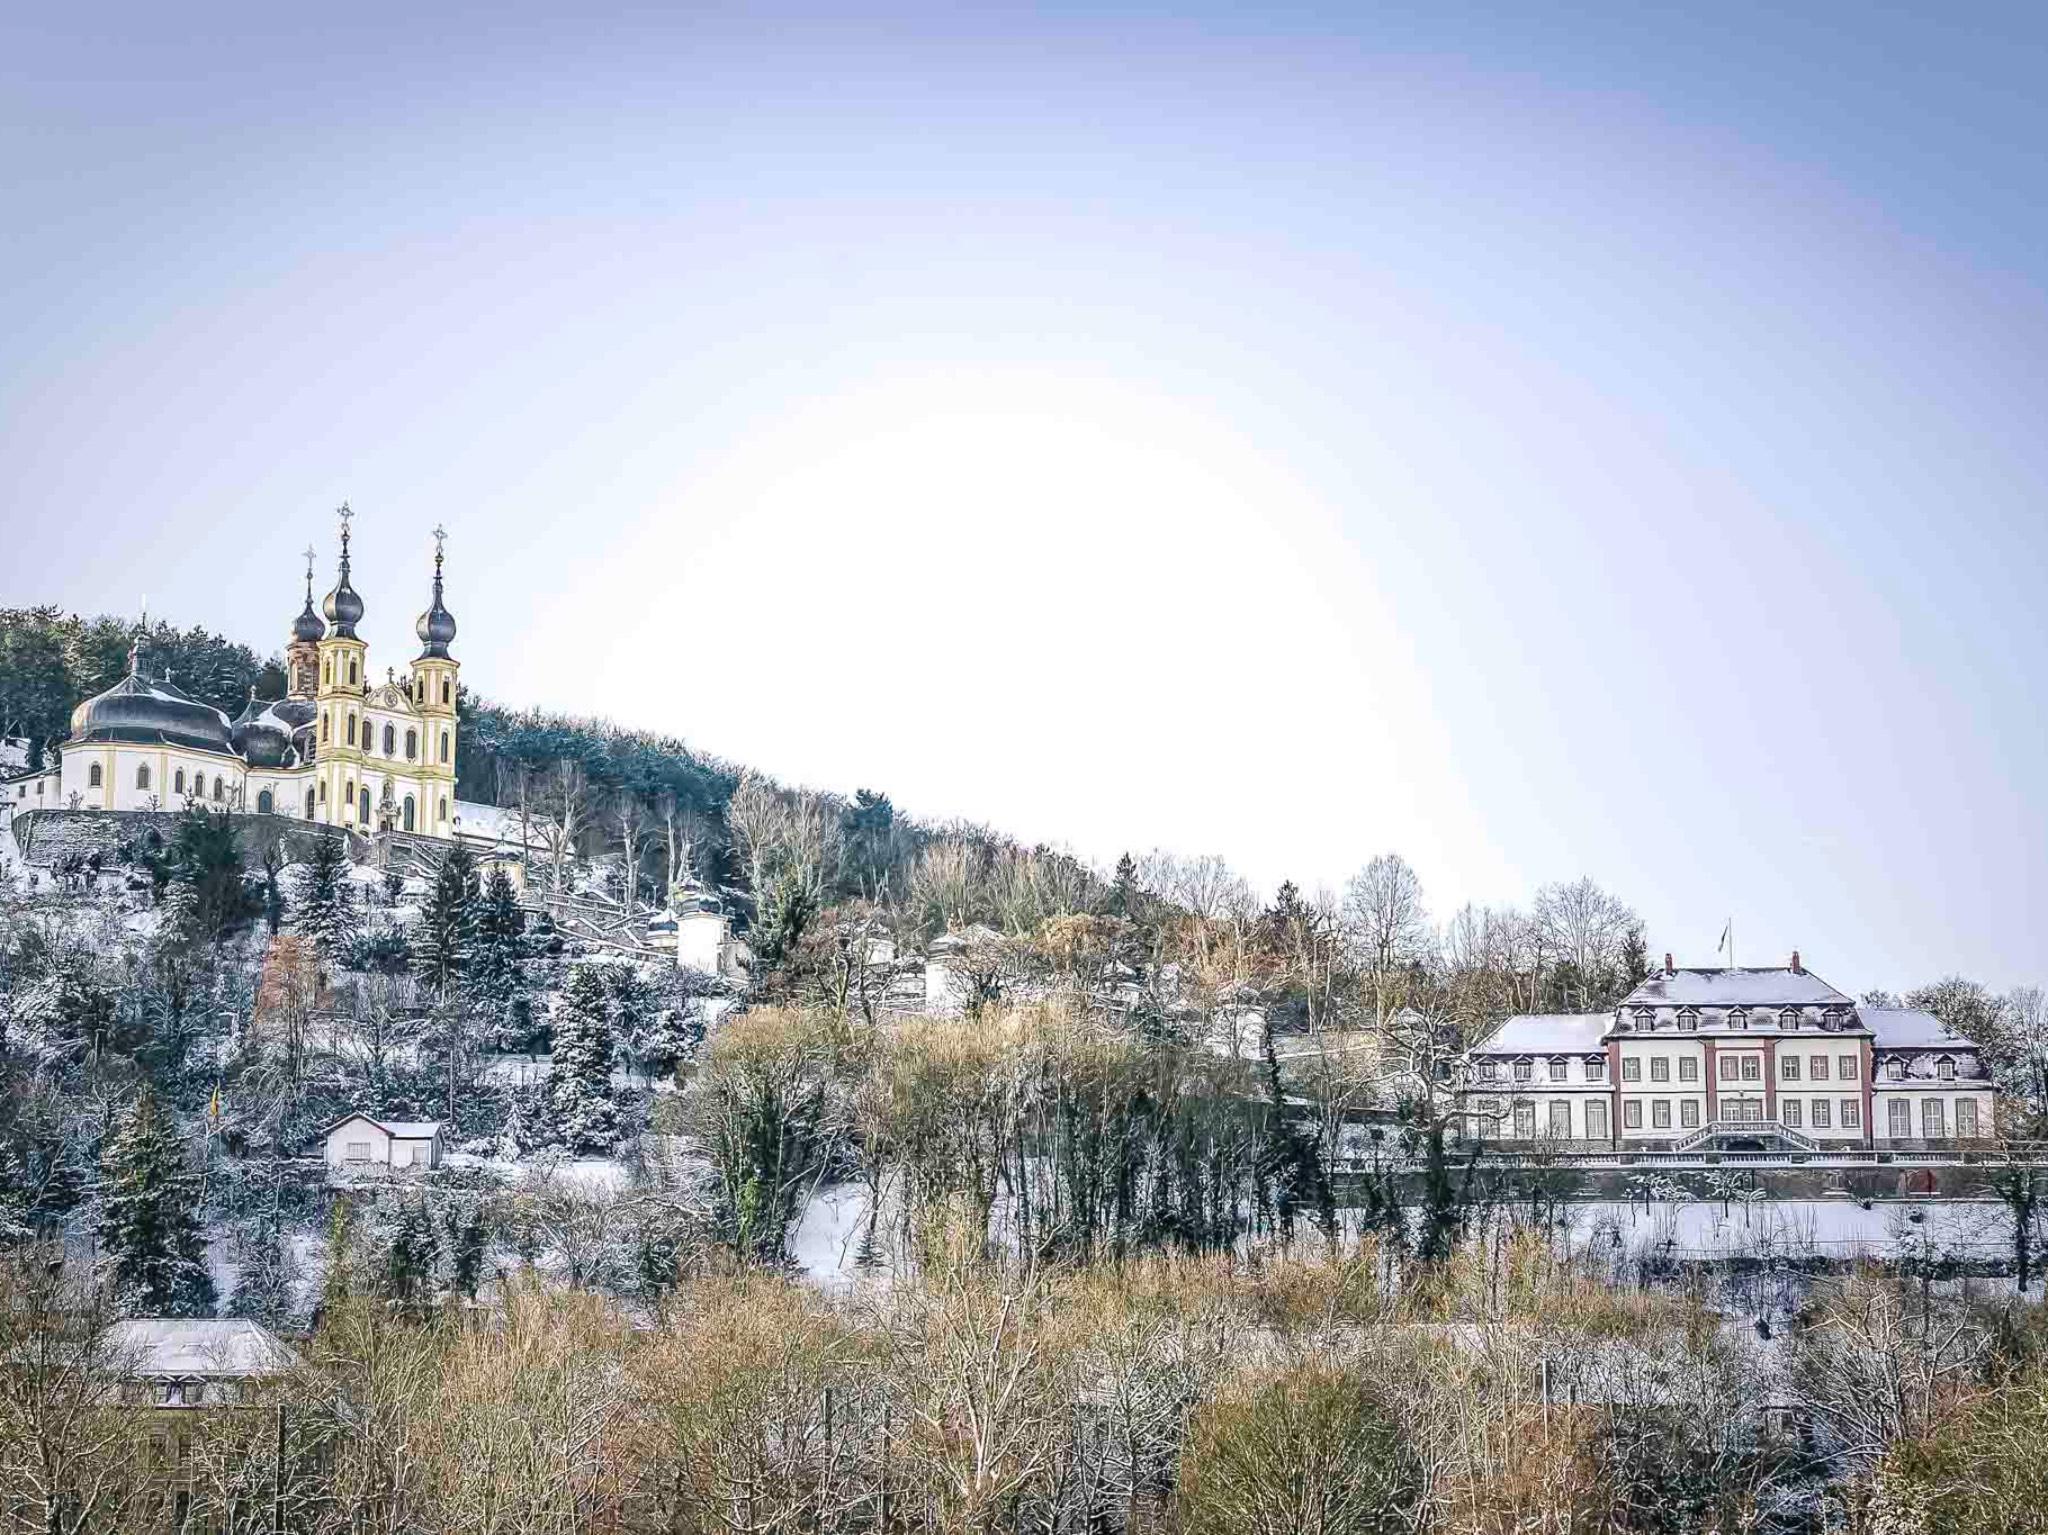 111 Würzburger Orte: Das Glockenspiel vom Bürgerspital ...